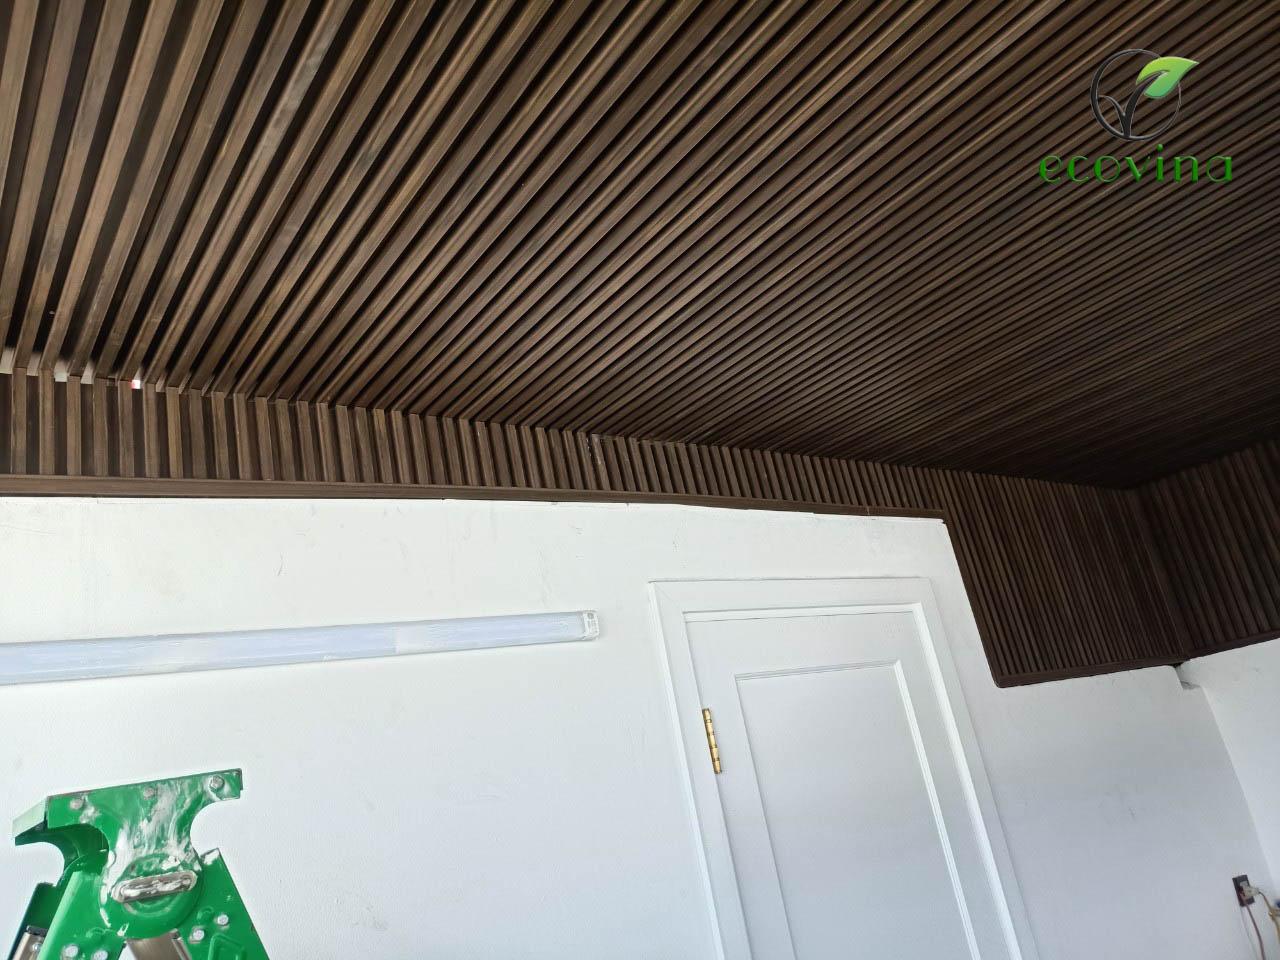 Báo giá lam nhựa giả gỗ, lam gỗ nhựa ốp tường